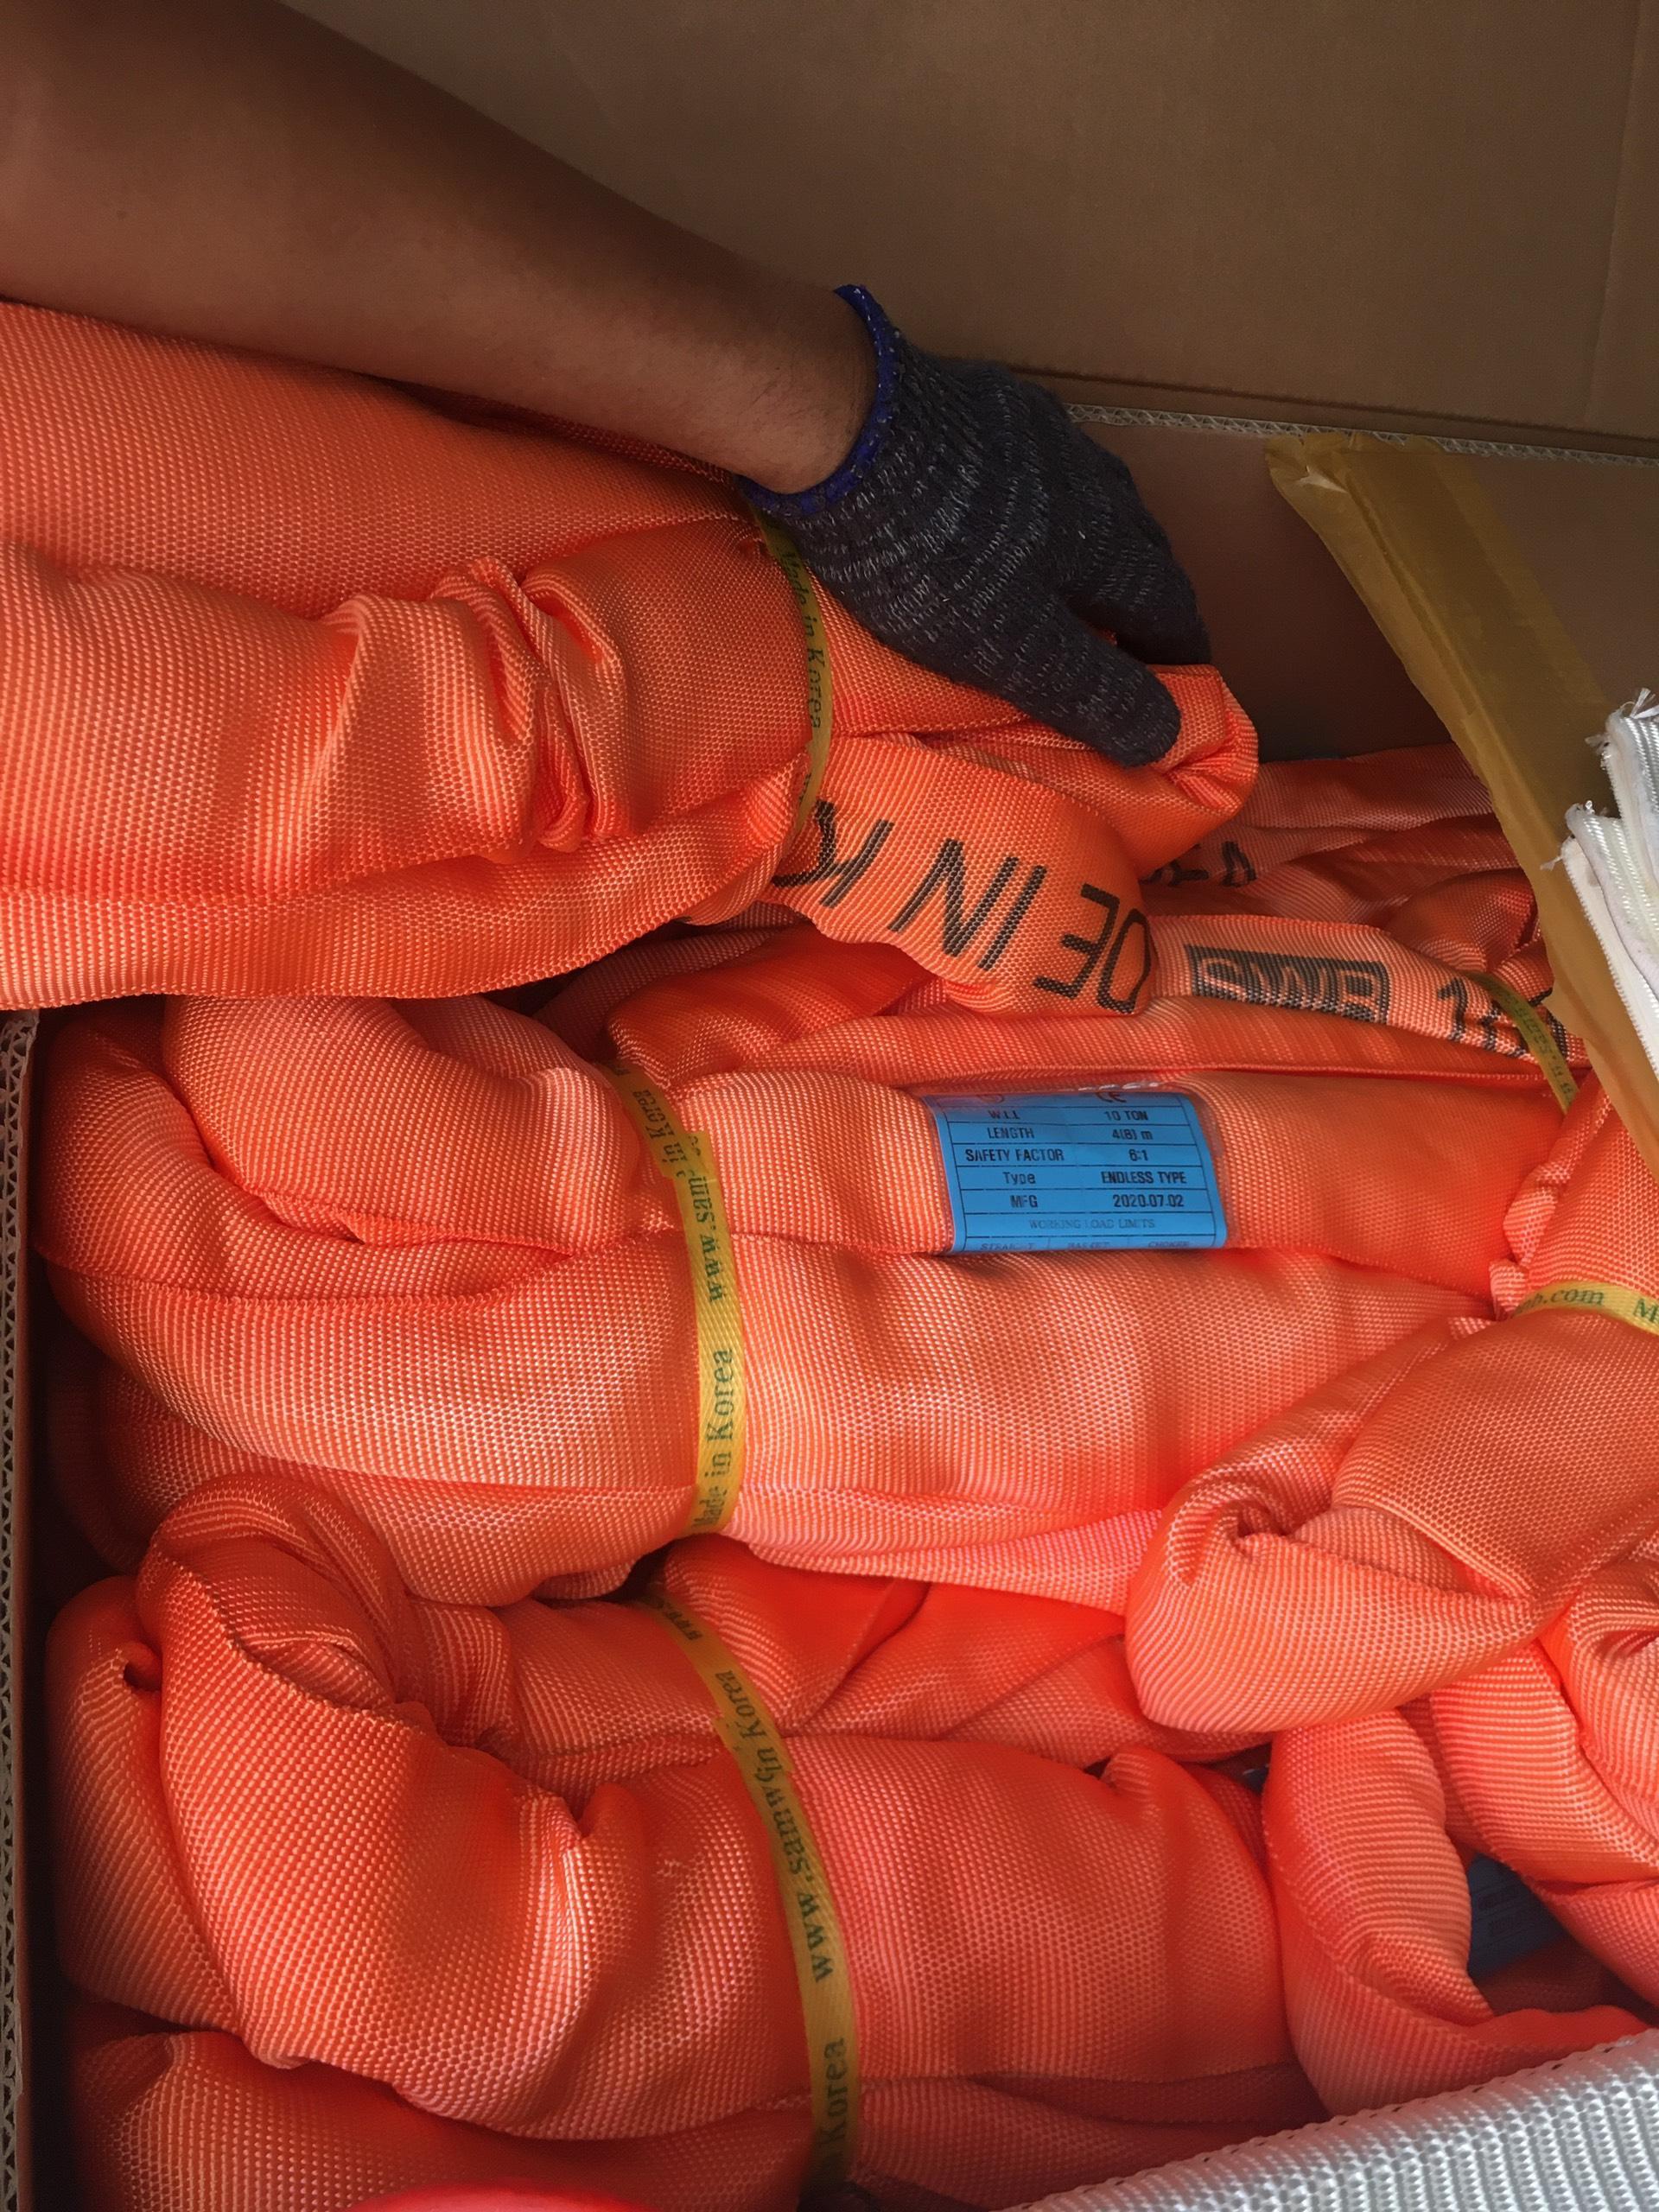 Cáp Cẩu Hàng Bản Tròn 90 tấn - SAMWOO - Hàn Quốc